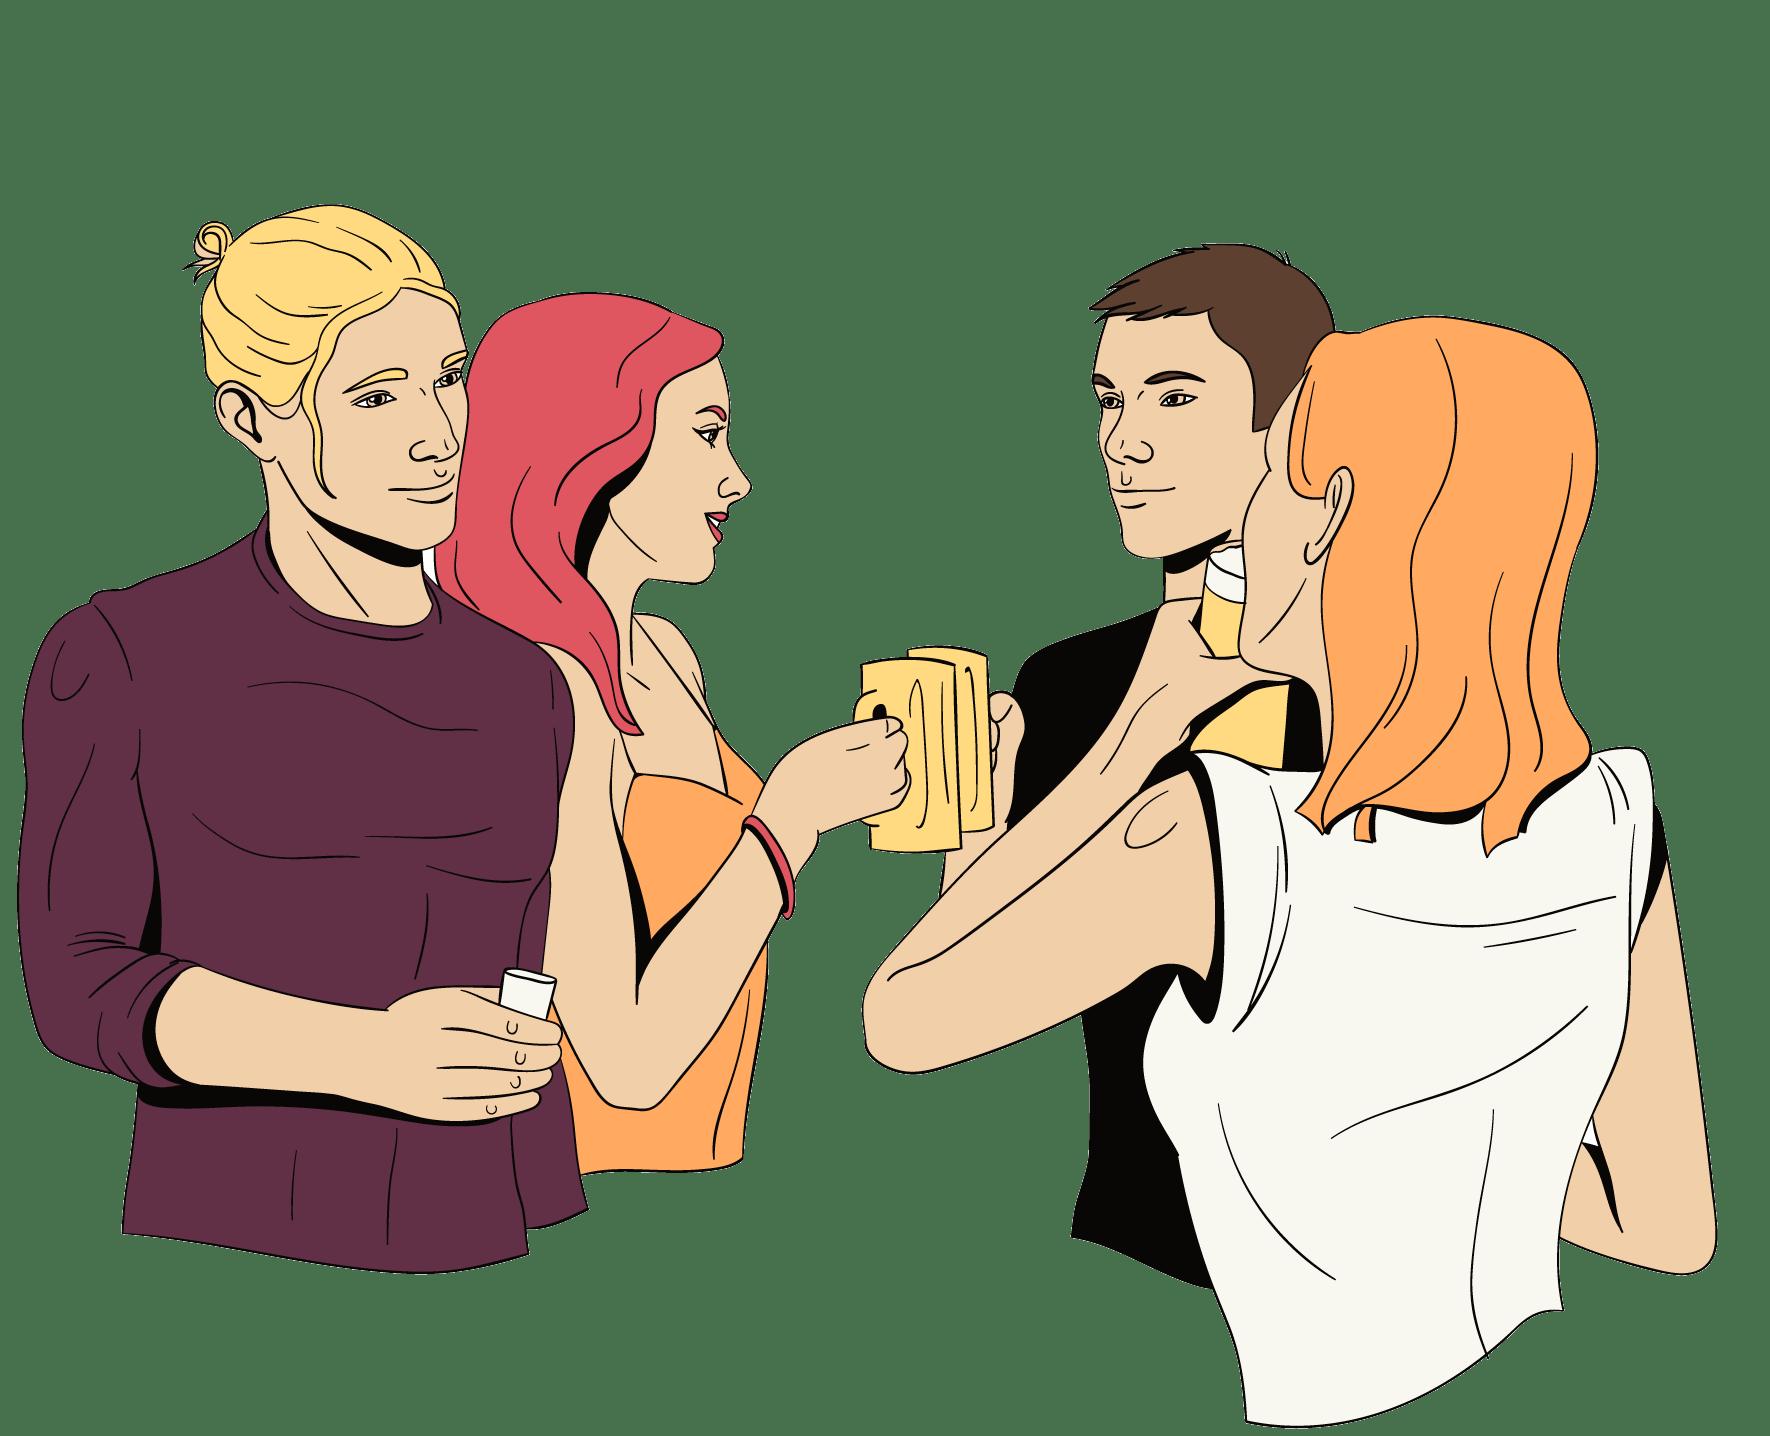 l'alcool peut augmenter le risque de tricherie